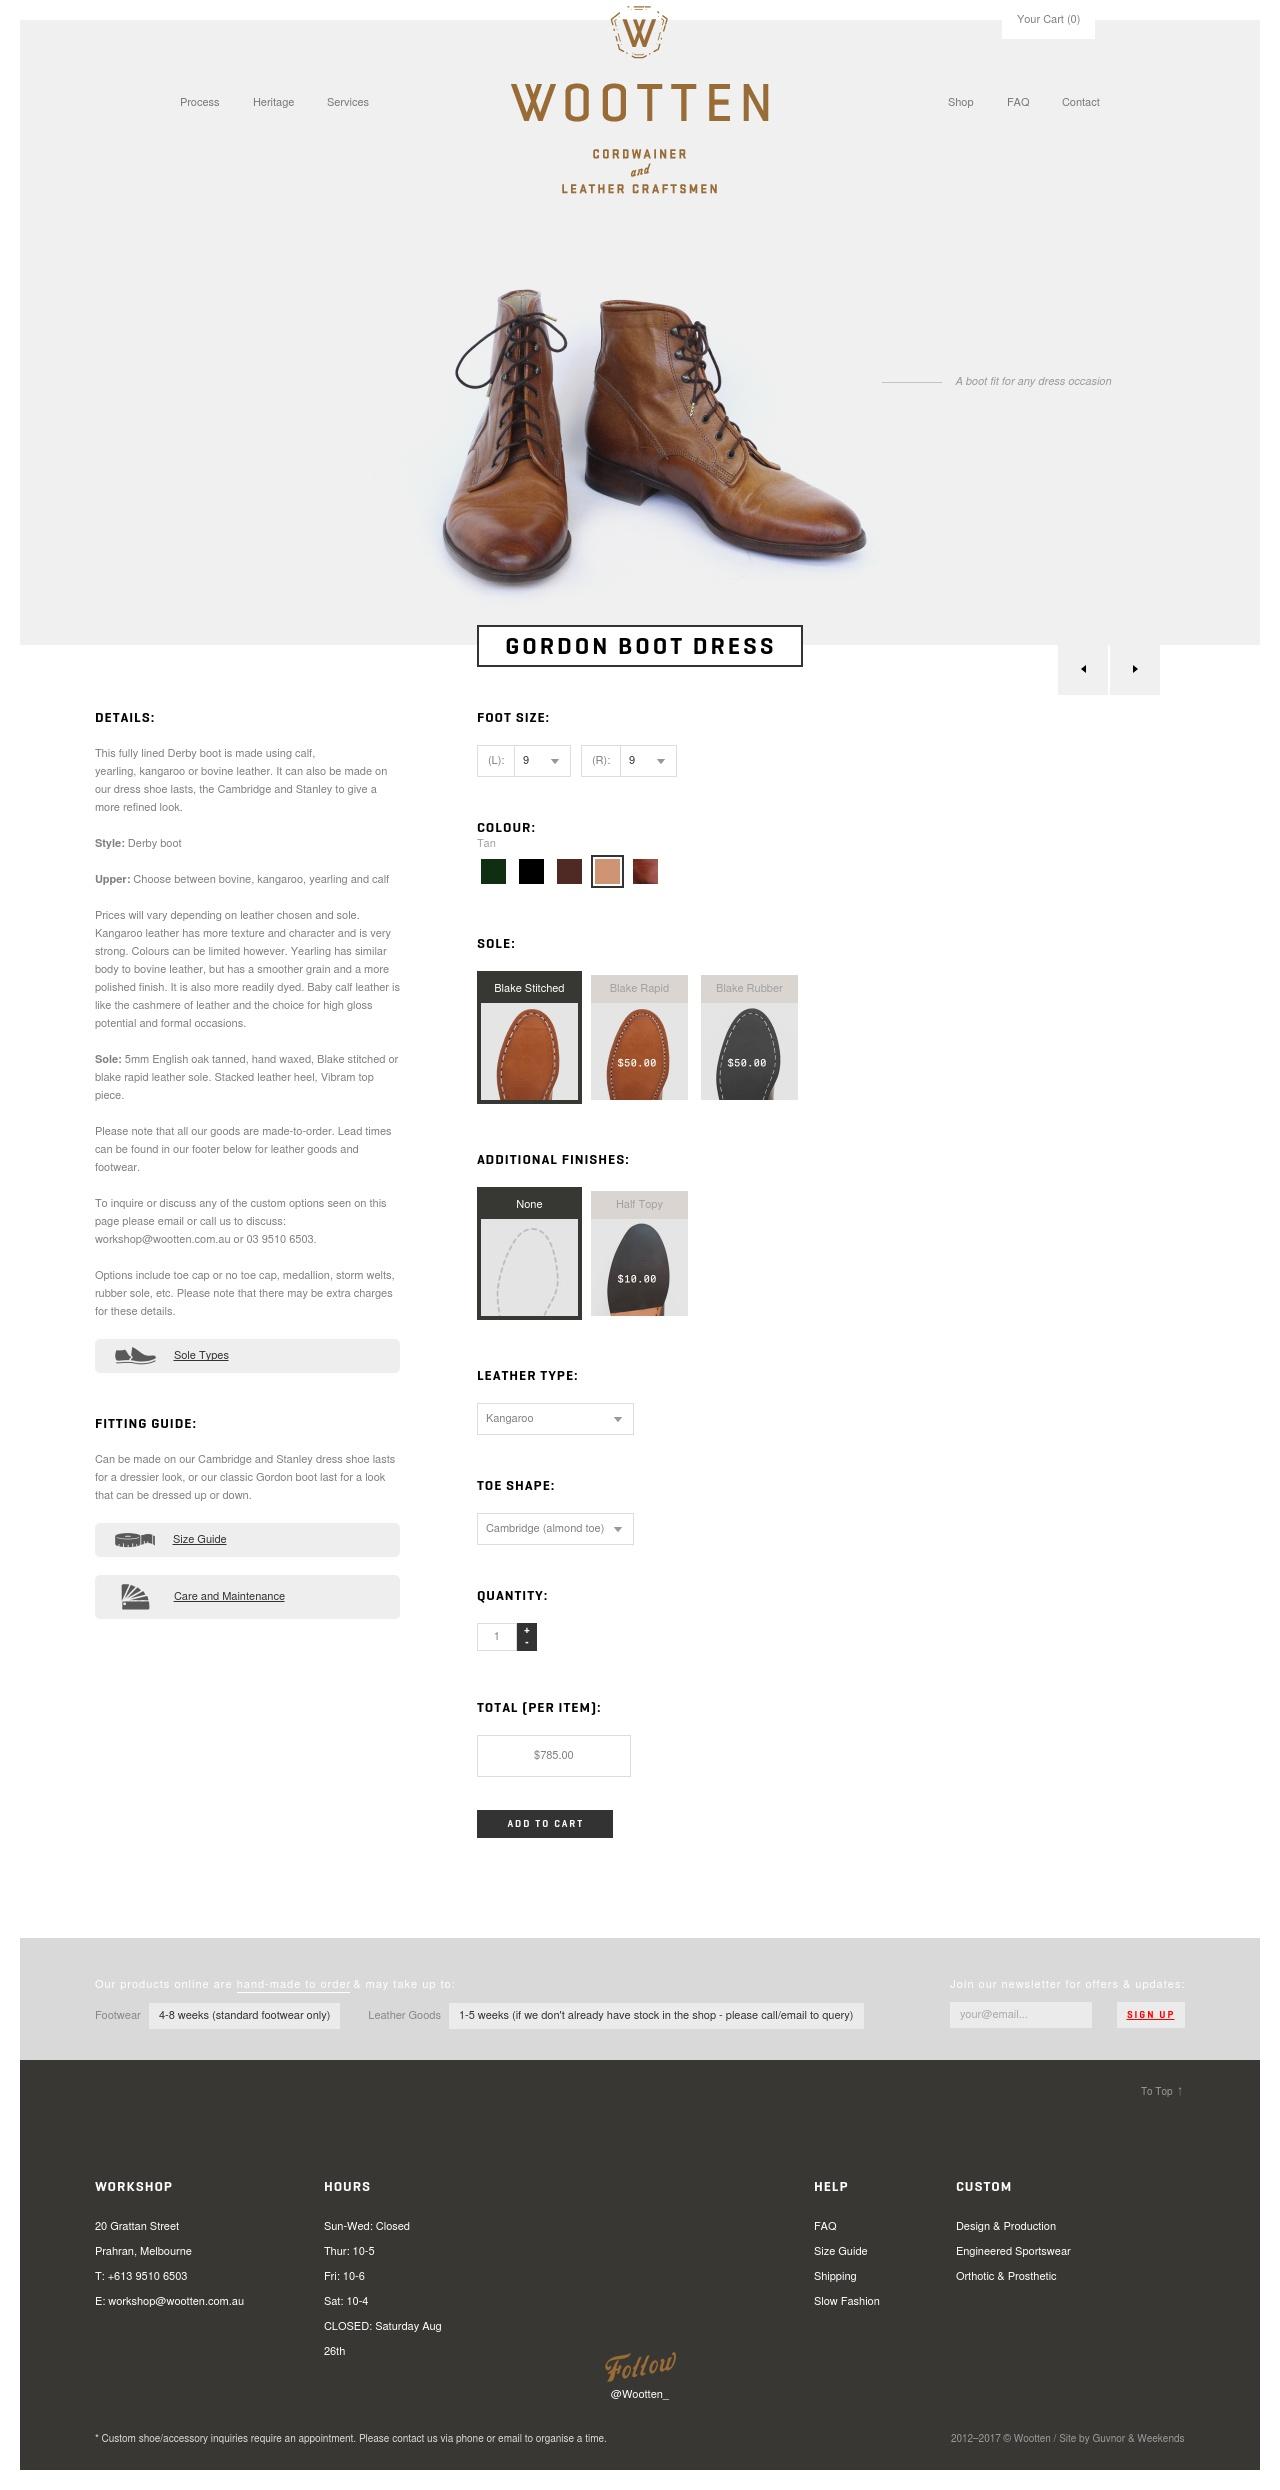 wooten.com.au shop